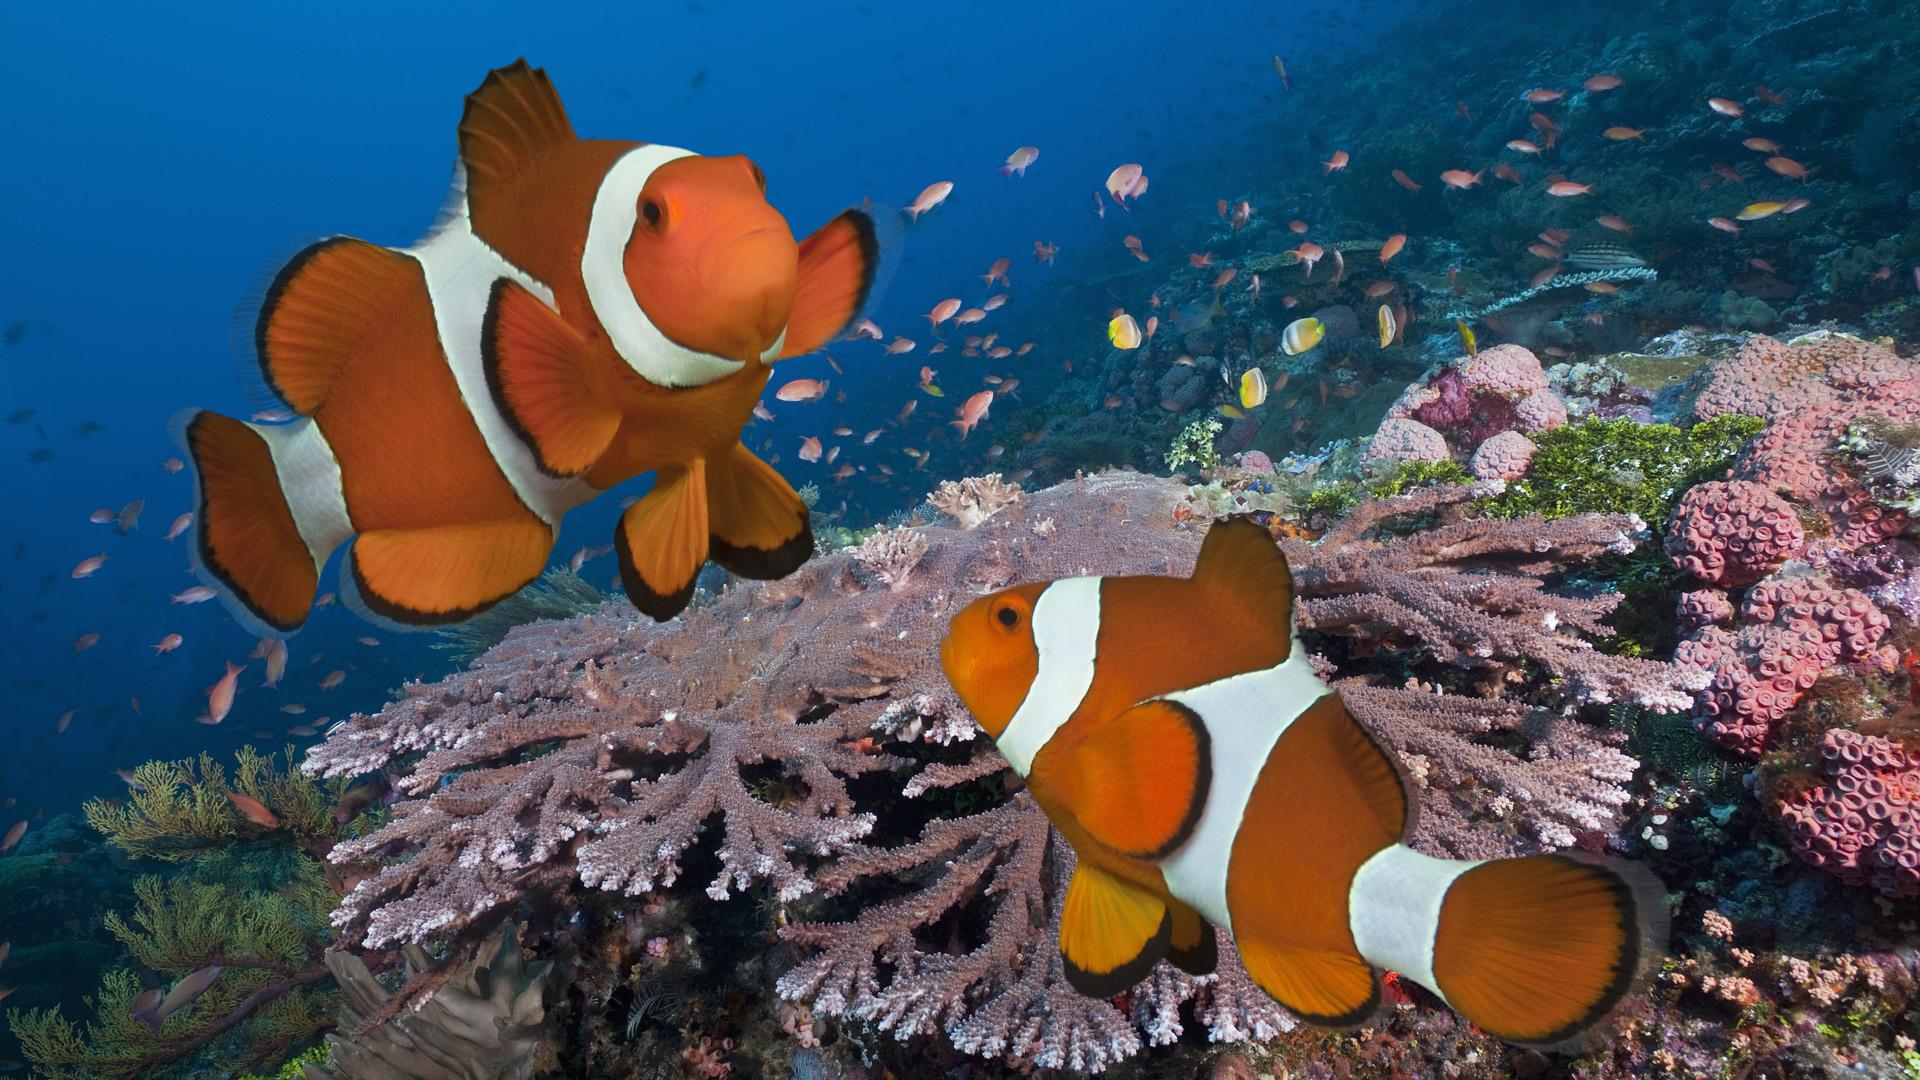 Iphone 5 Clown Fish Wallpaper Pez Fondos De Pantalla Fondos De Escritorio 1920x1080